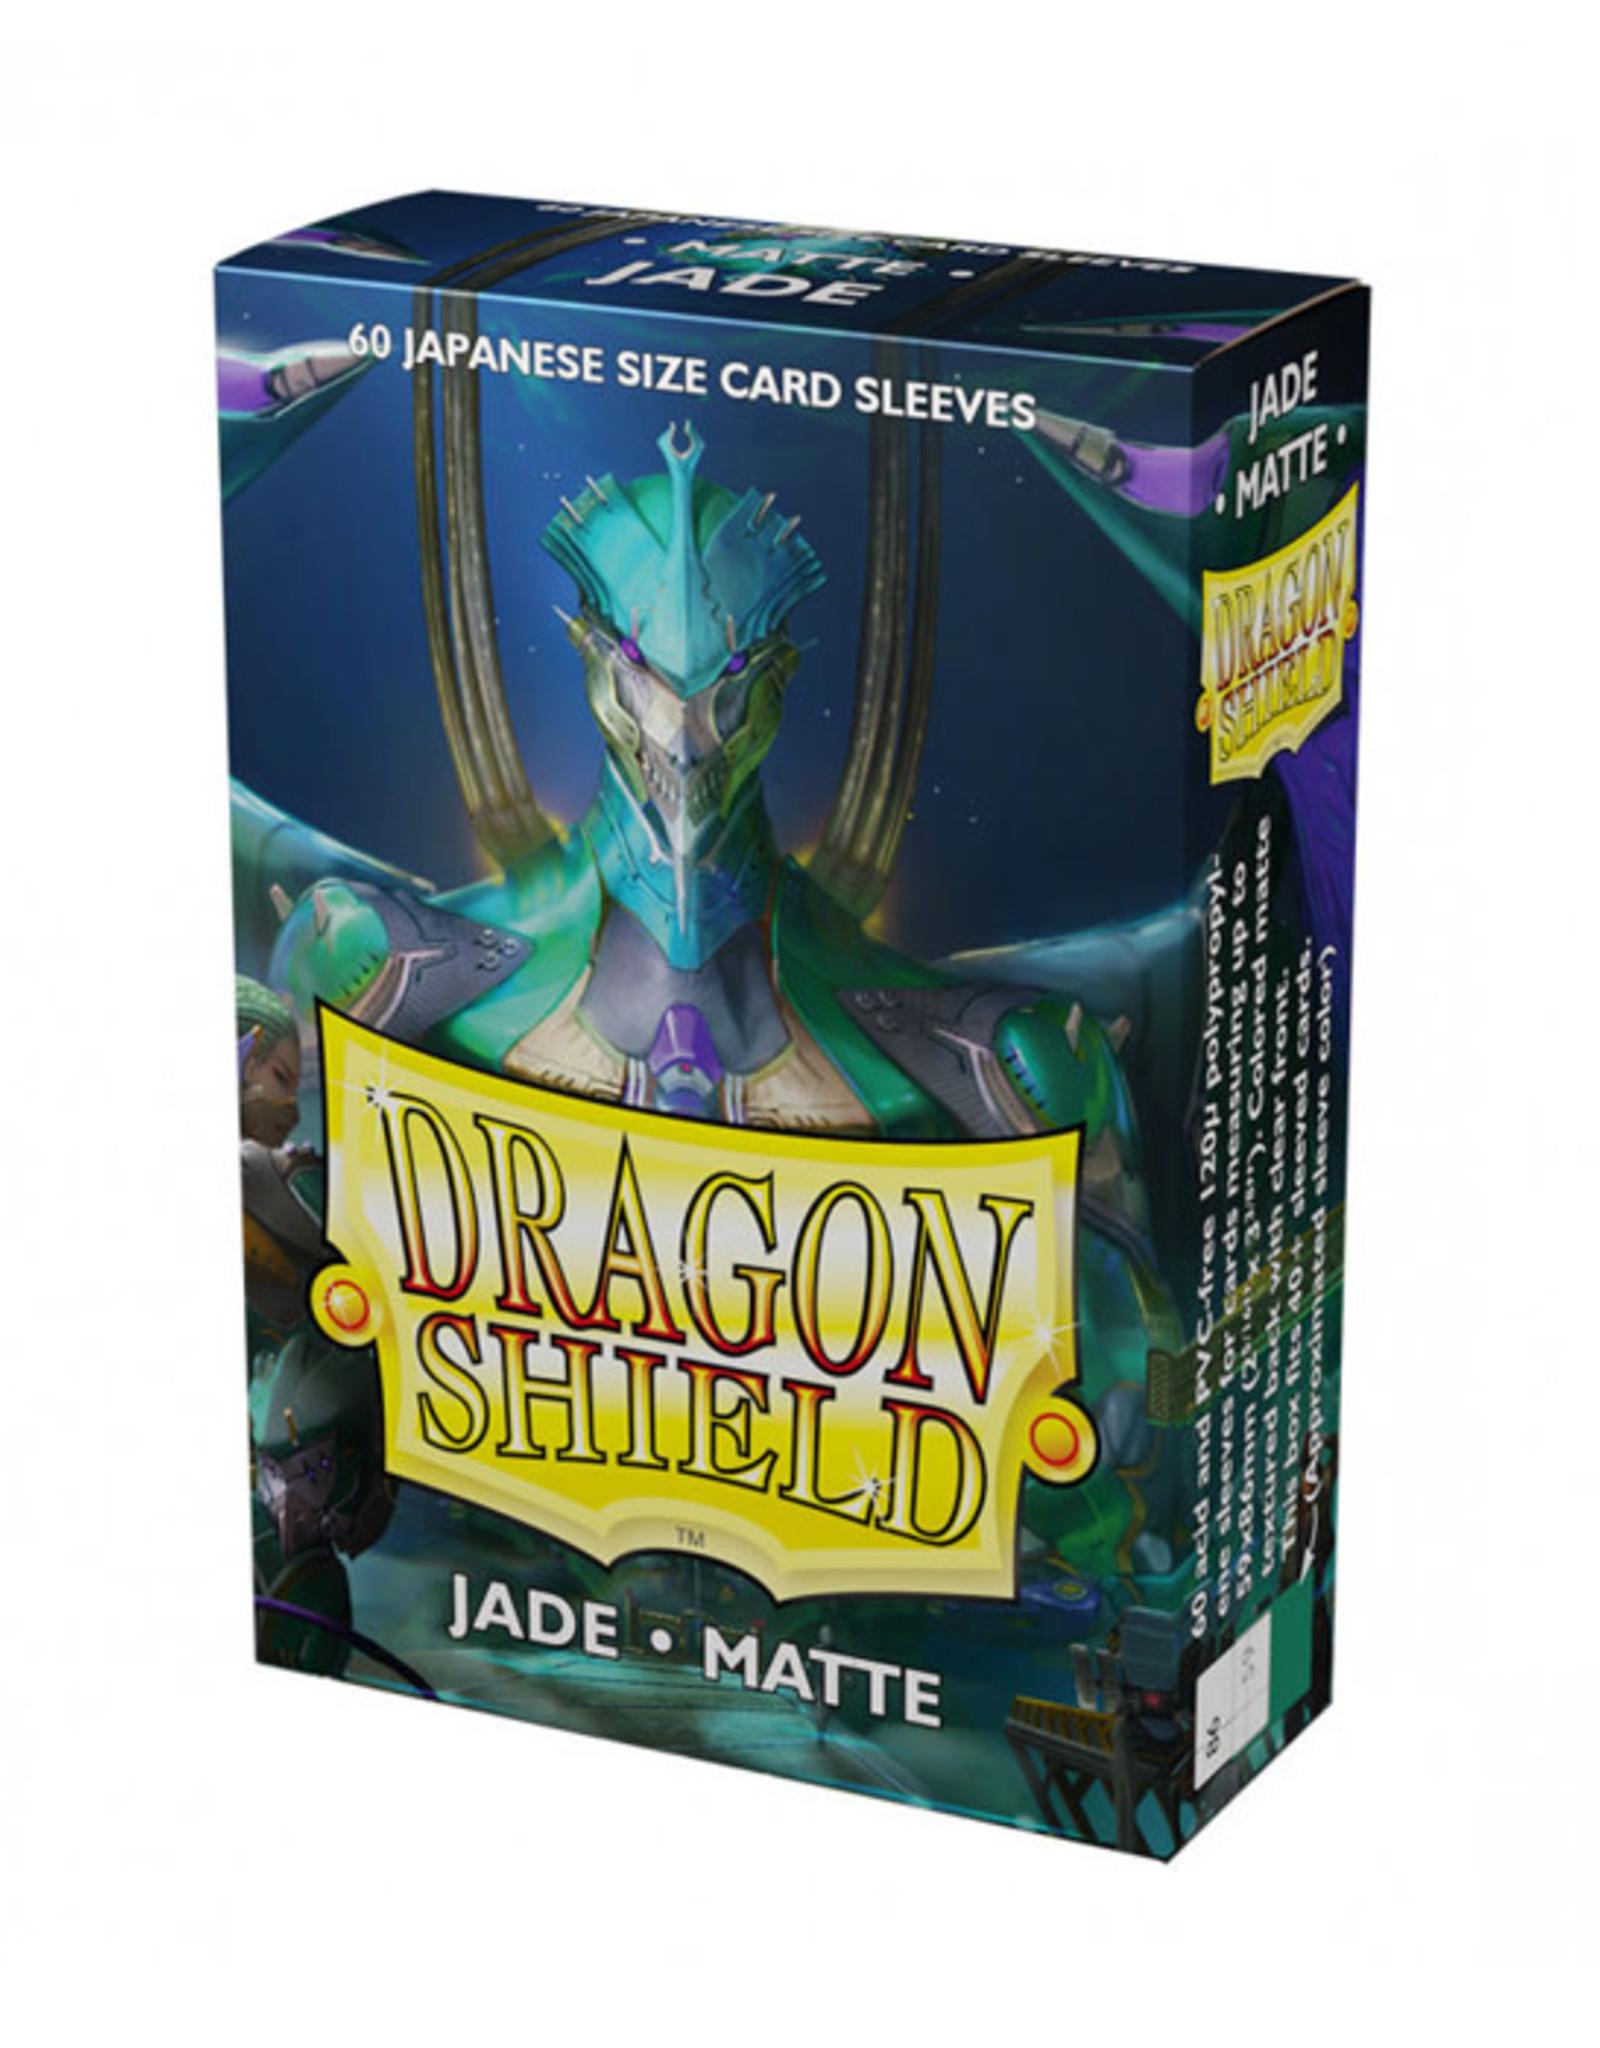 Dragon Shield Dragon Shield: Sleeves - Mini - Matte Jade (60)